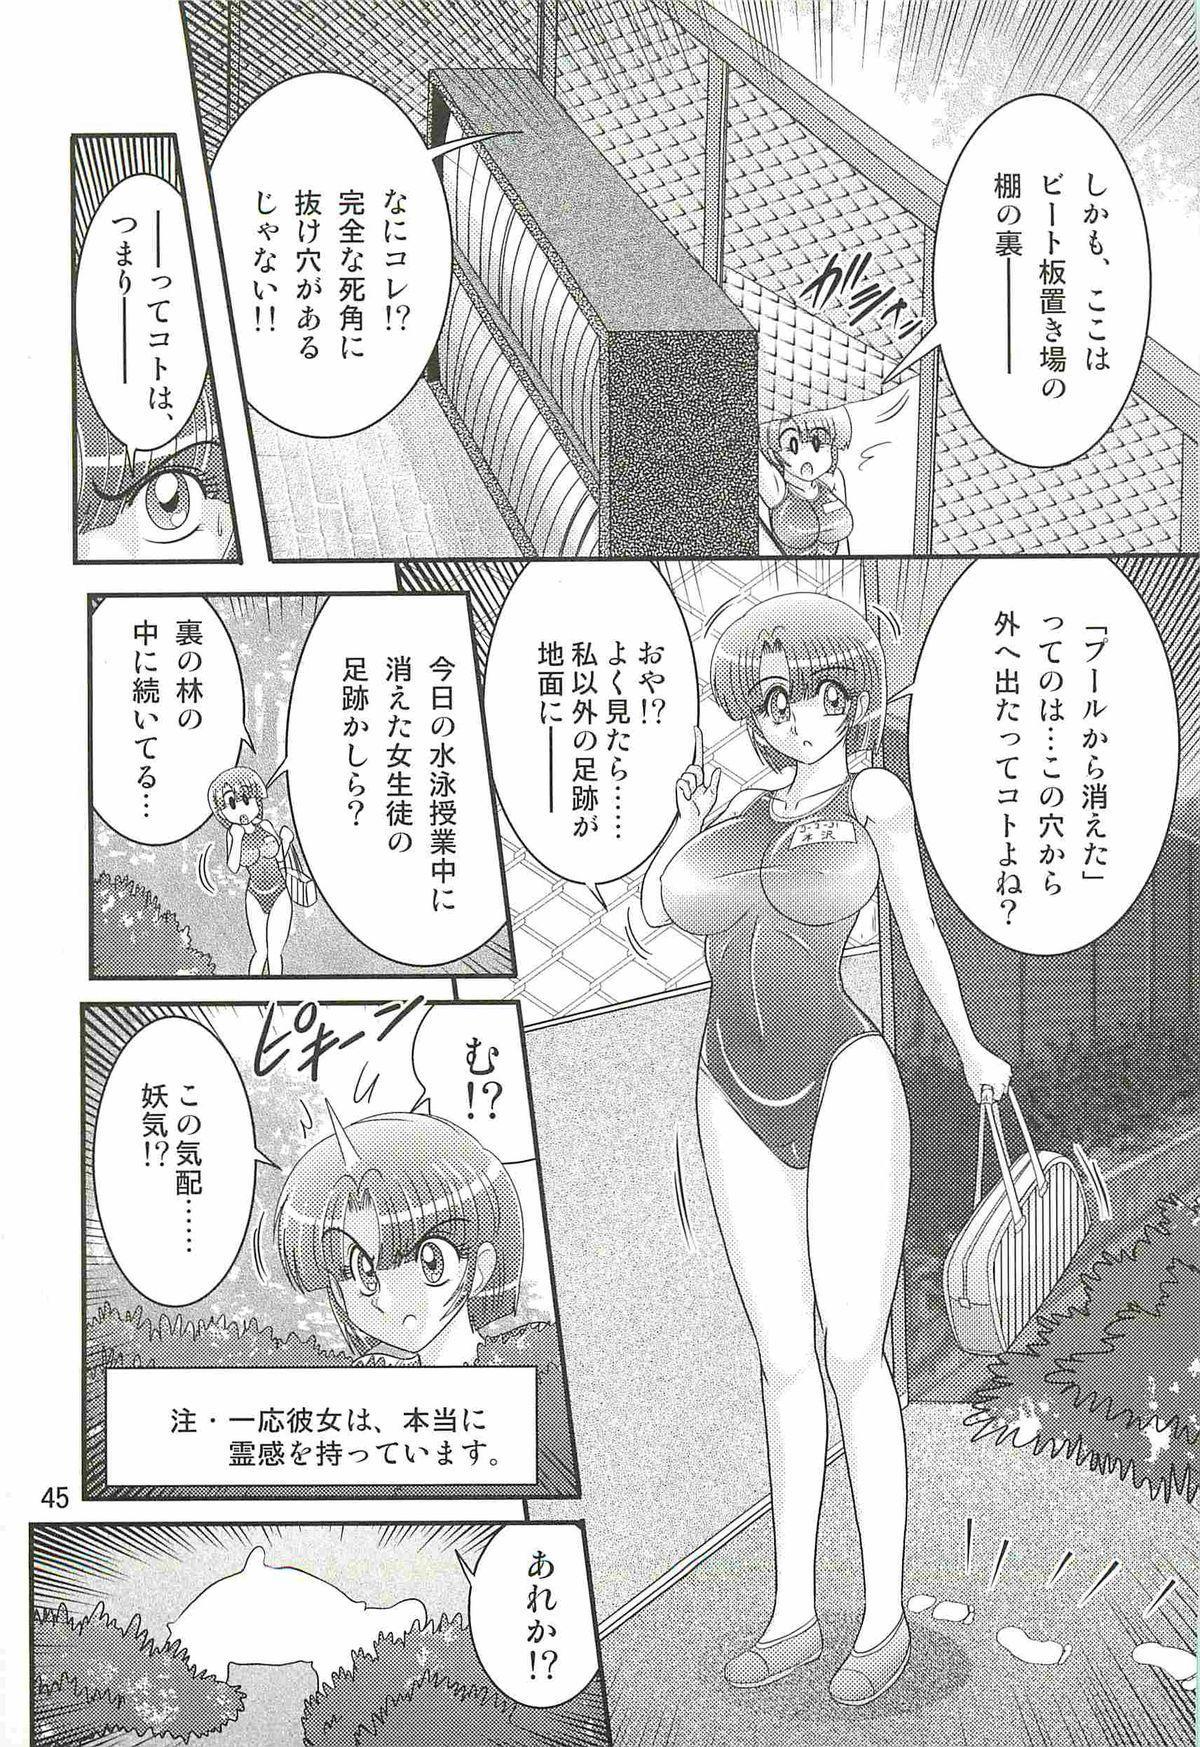 Seirei Tokusou Fairy Saber W - Undead Rape 48